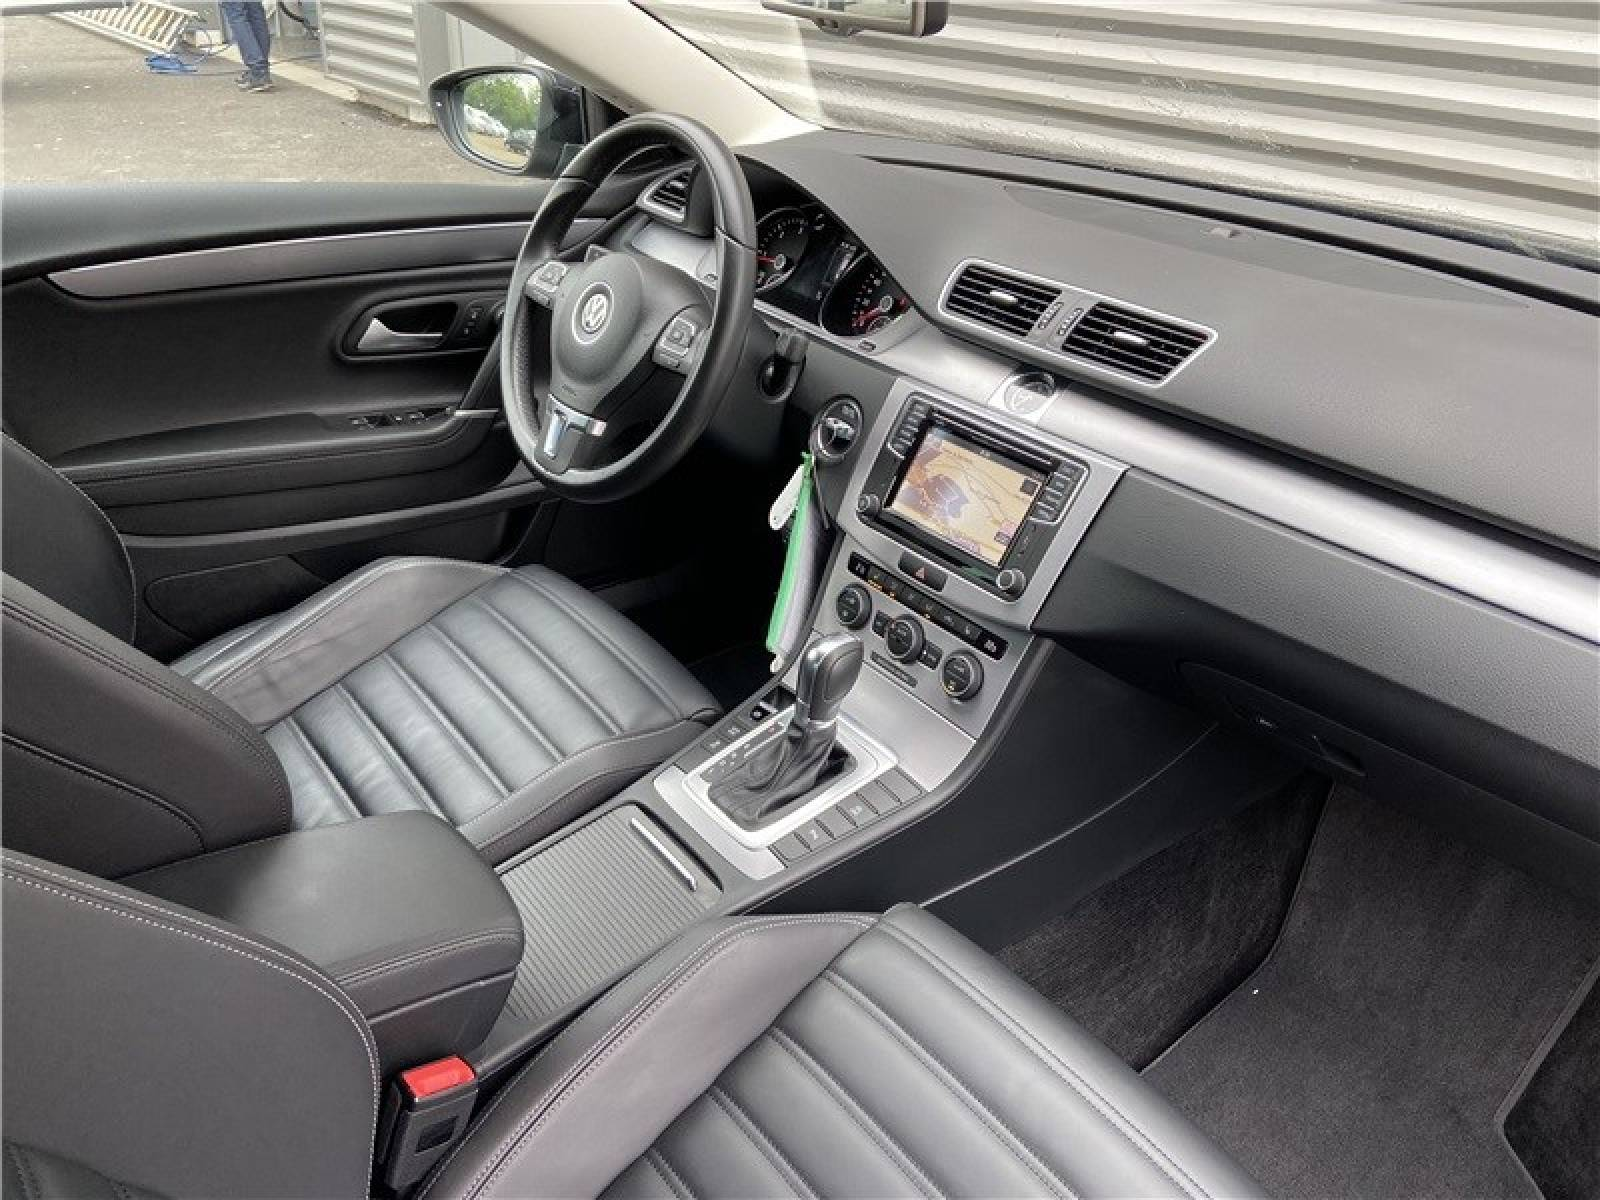 VOLKSWAGEN CC 2.0 TDI 150 FAP BlueMotion Technology - véhicule d'occasion - LEMAUVIEL AUTOMOBILES - Présentation site web V2 - Lemauviel automobiles - AVRANCHES - 50300 - LE VAL-SAINT-PÈRE - 8